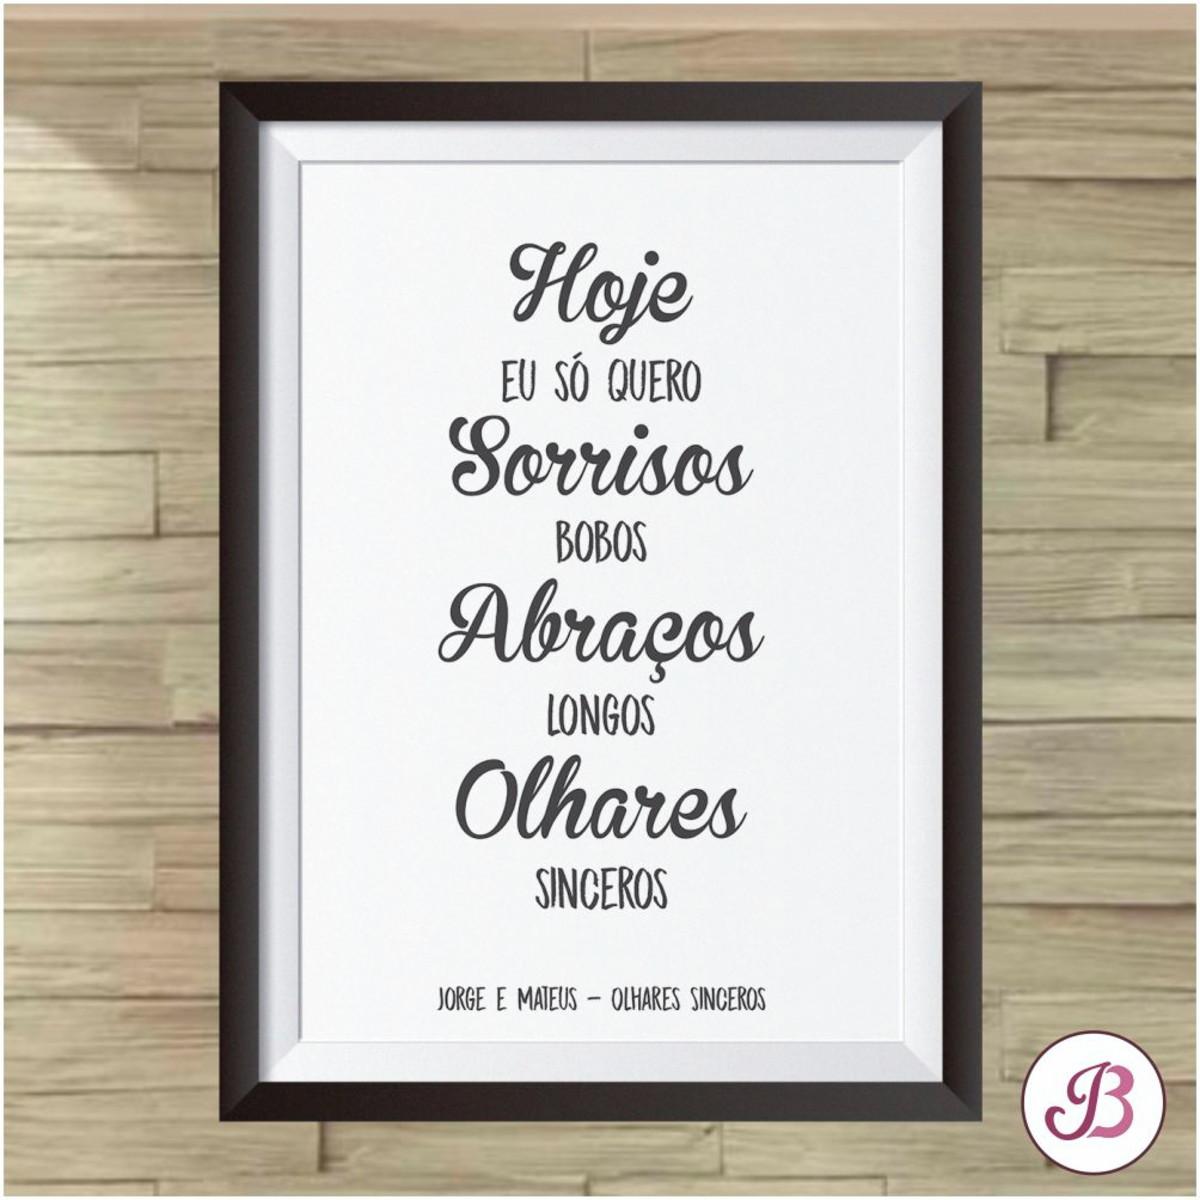 Quadro Digital Frases Jorge E Mateus